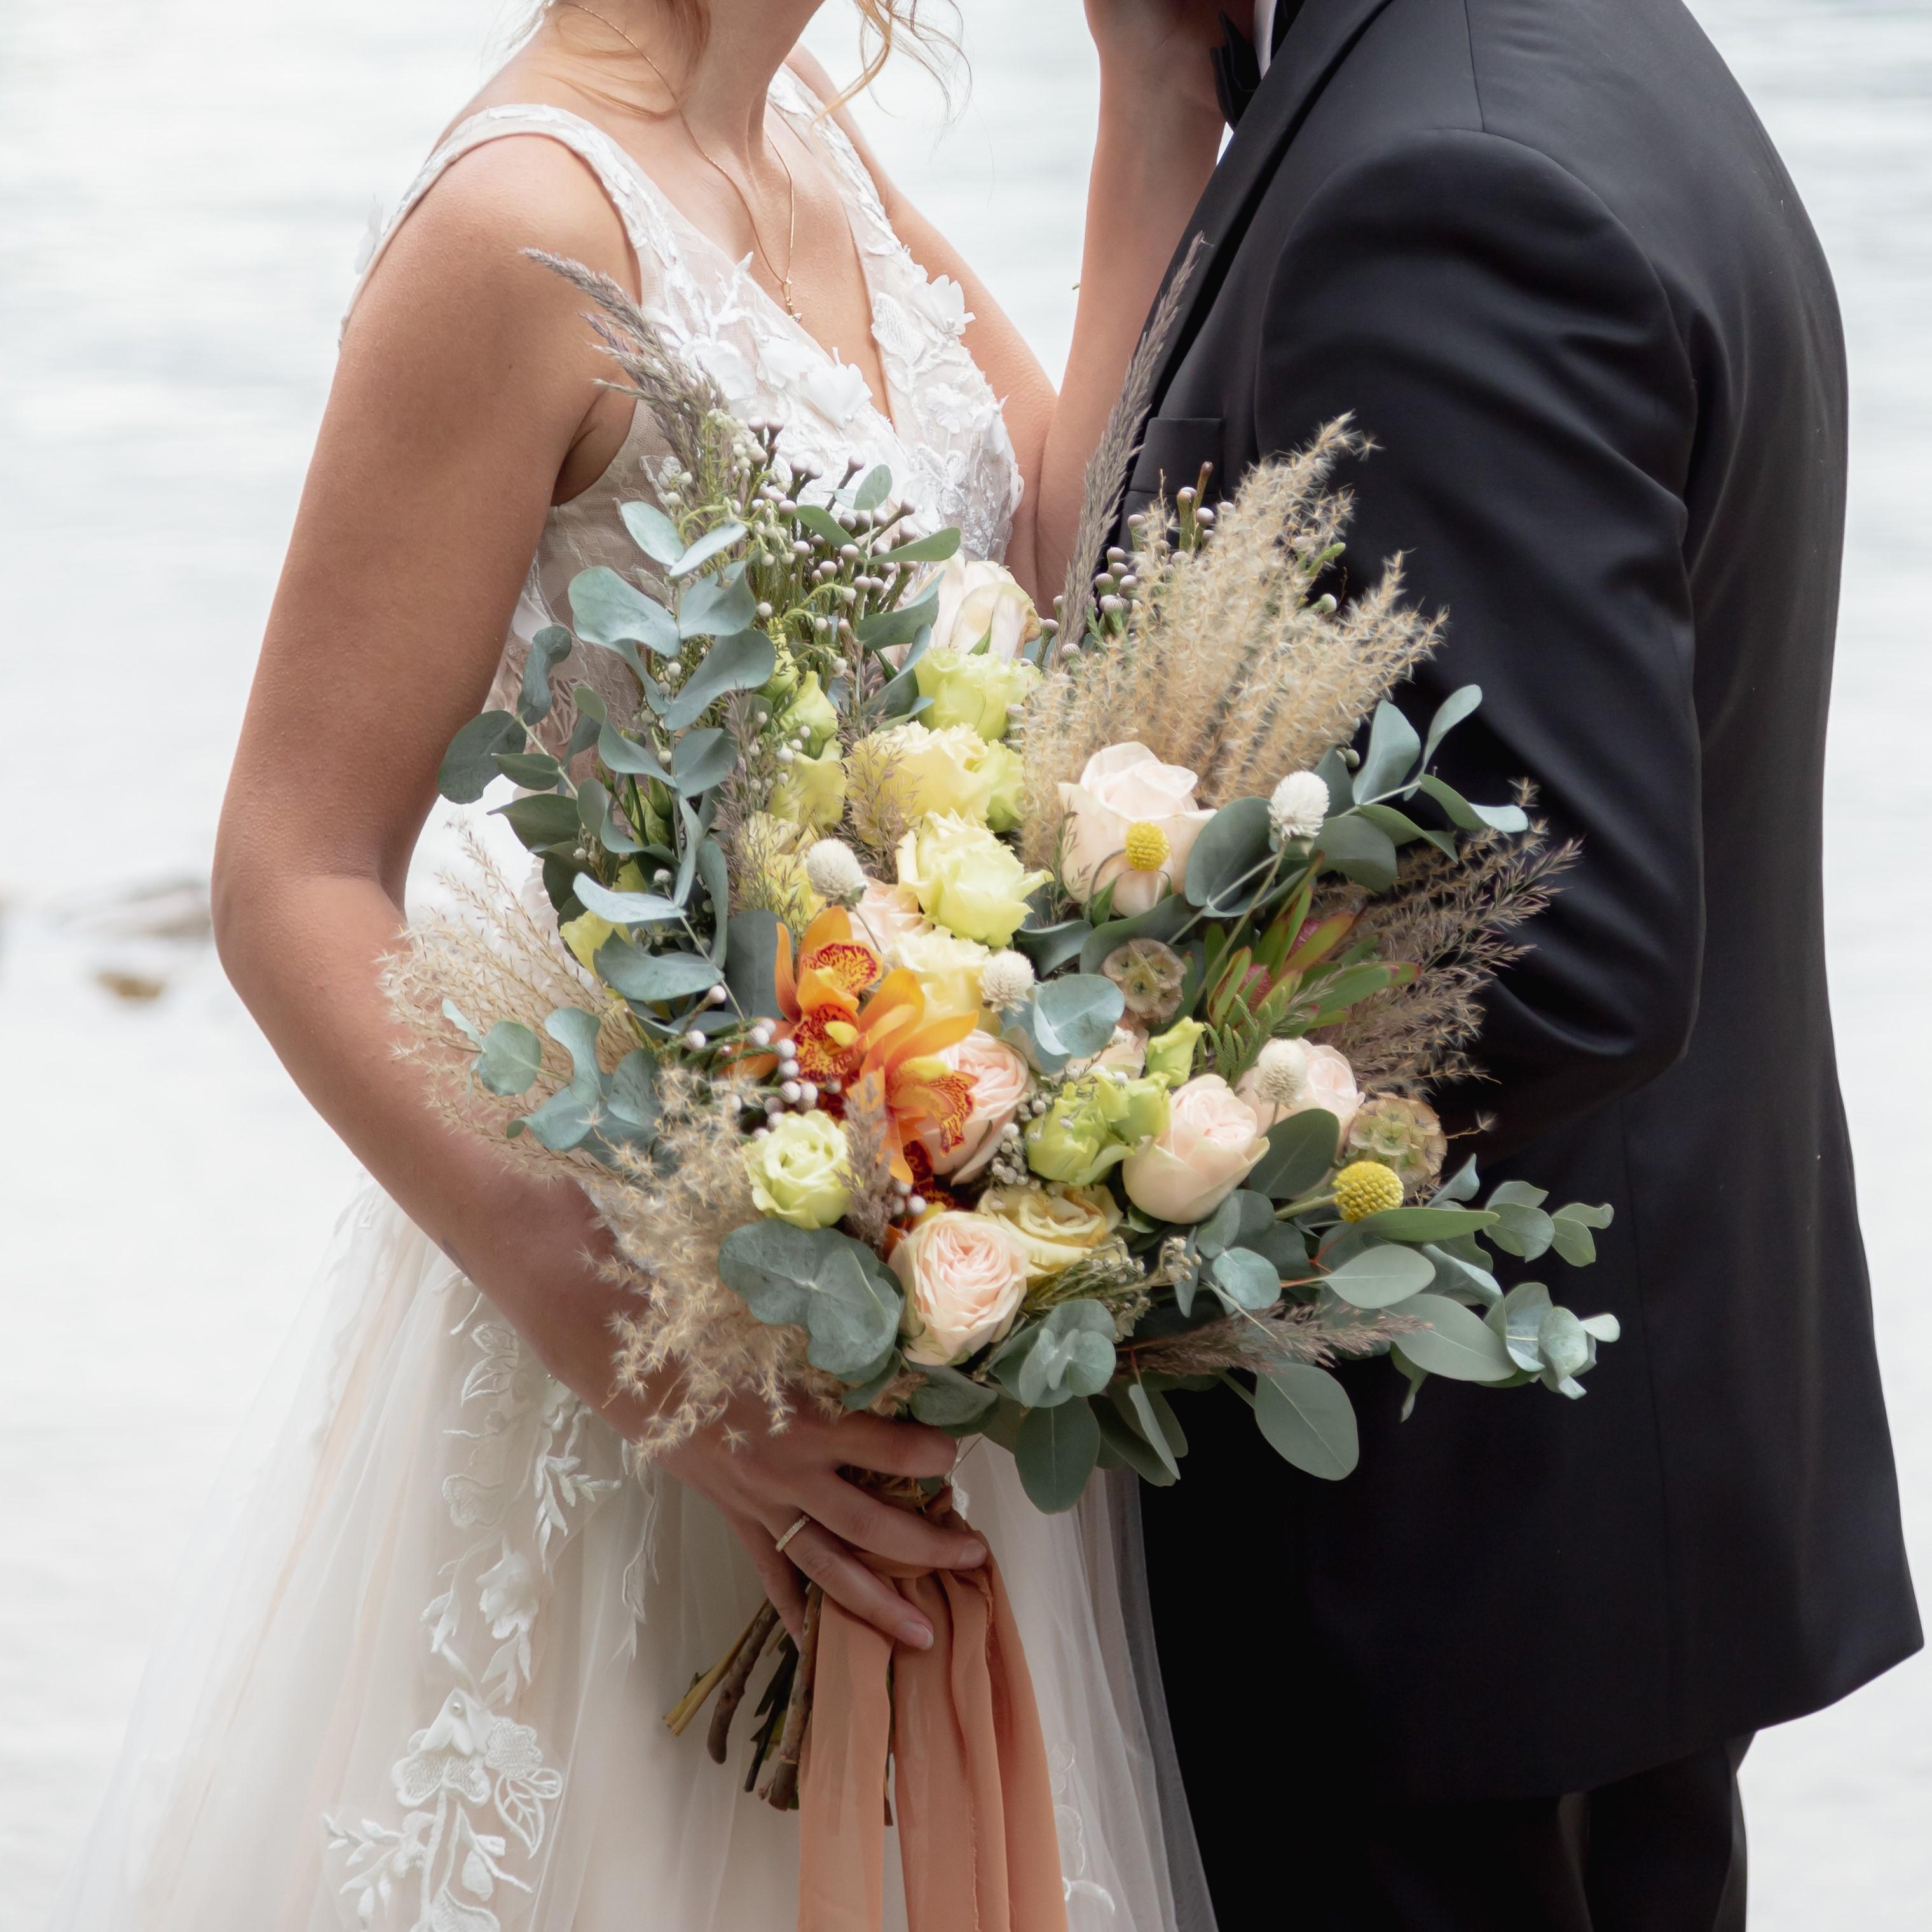 Brautsträuße, Brautstrauß, alstromeria, gerbera